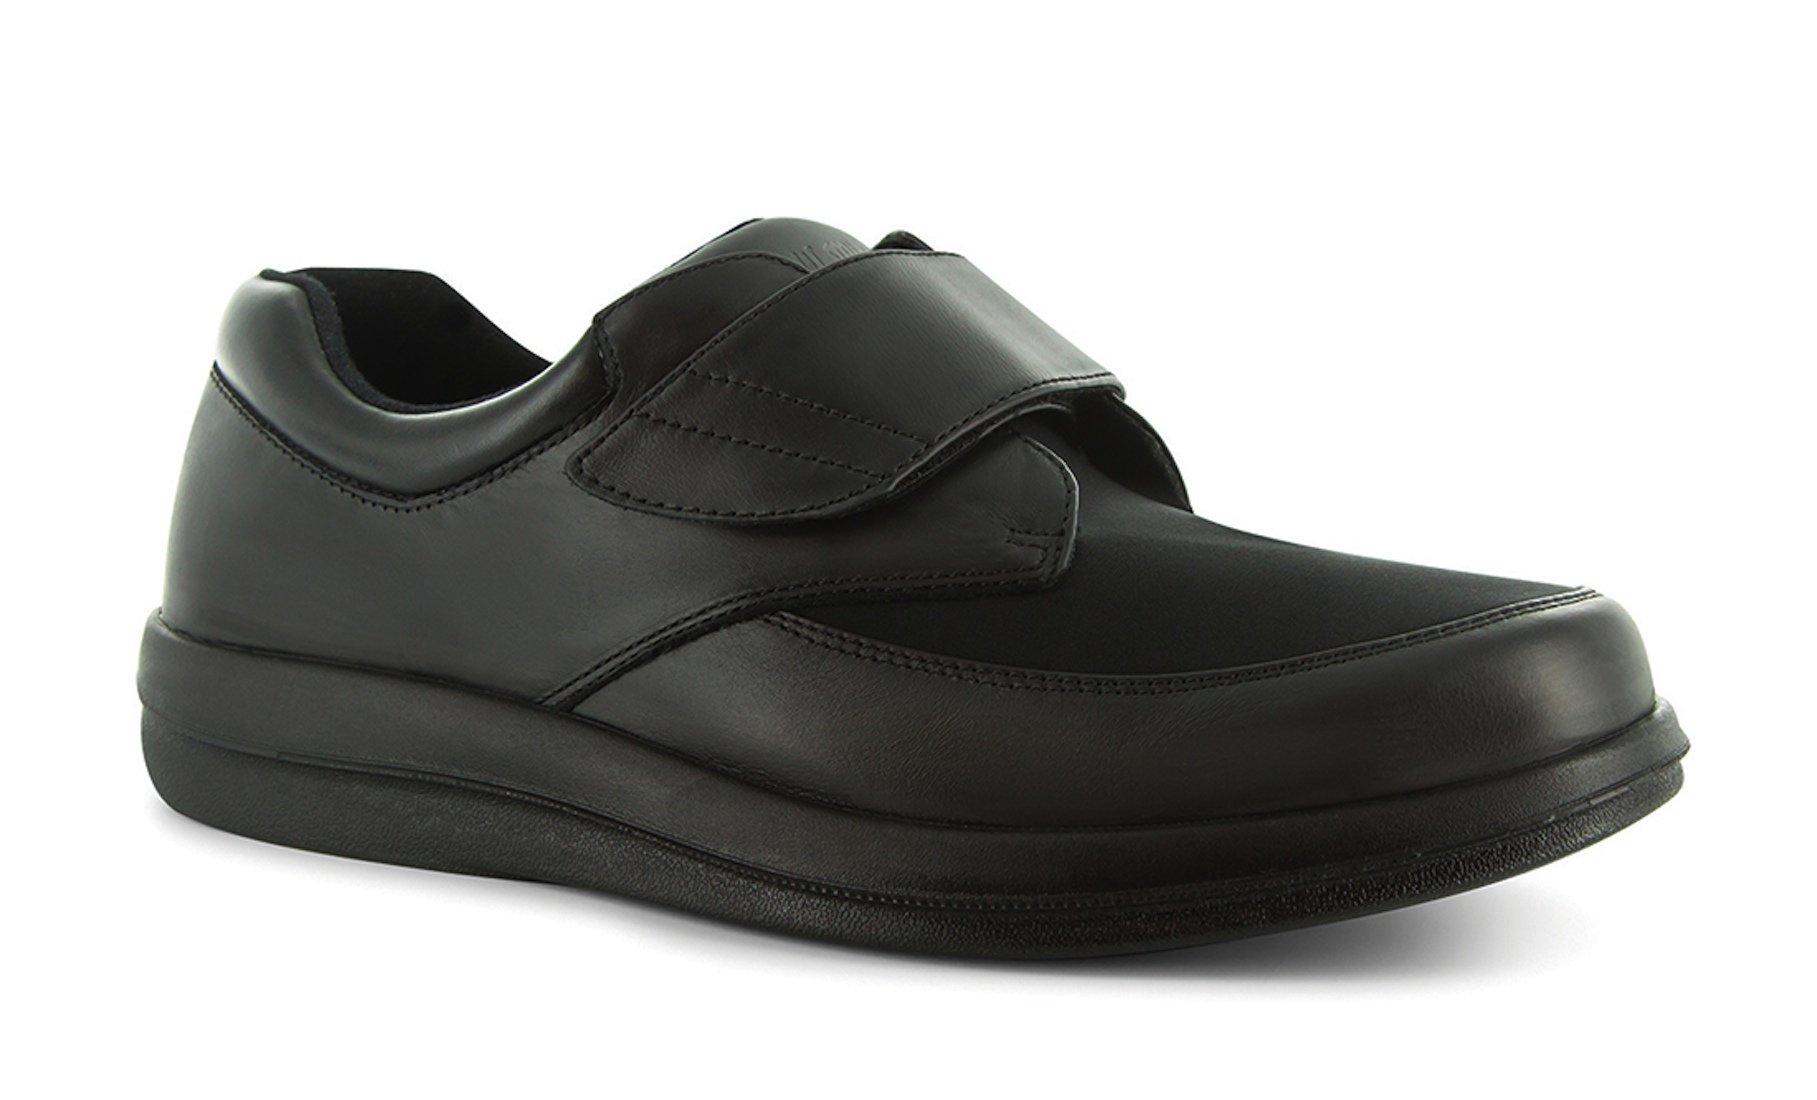 P W Minor Natural Strap Men's Therapeutic Extra Depth Shoe: Black 14 XX-Wide (5E) Velcro